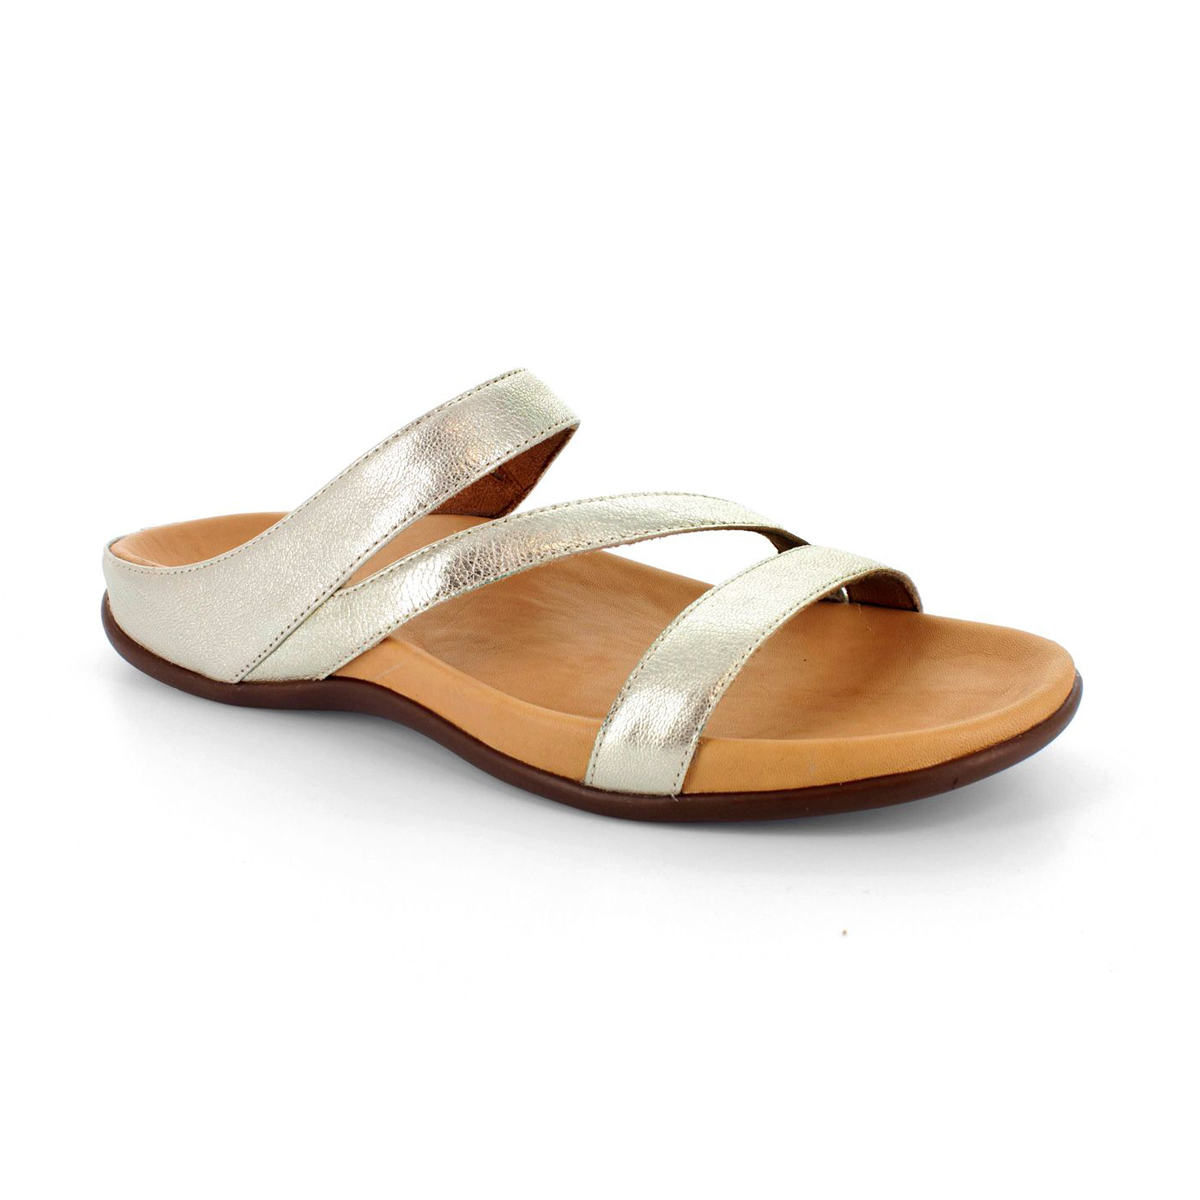 スニーカー感覚で歩き回れる「サンダル」|TRIO  / UK5(24-24.5cm) 独自開発の立体インソールで、スニーカーみたいに歩き回れる「サンダル」|strive